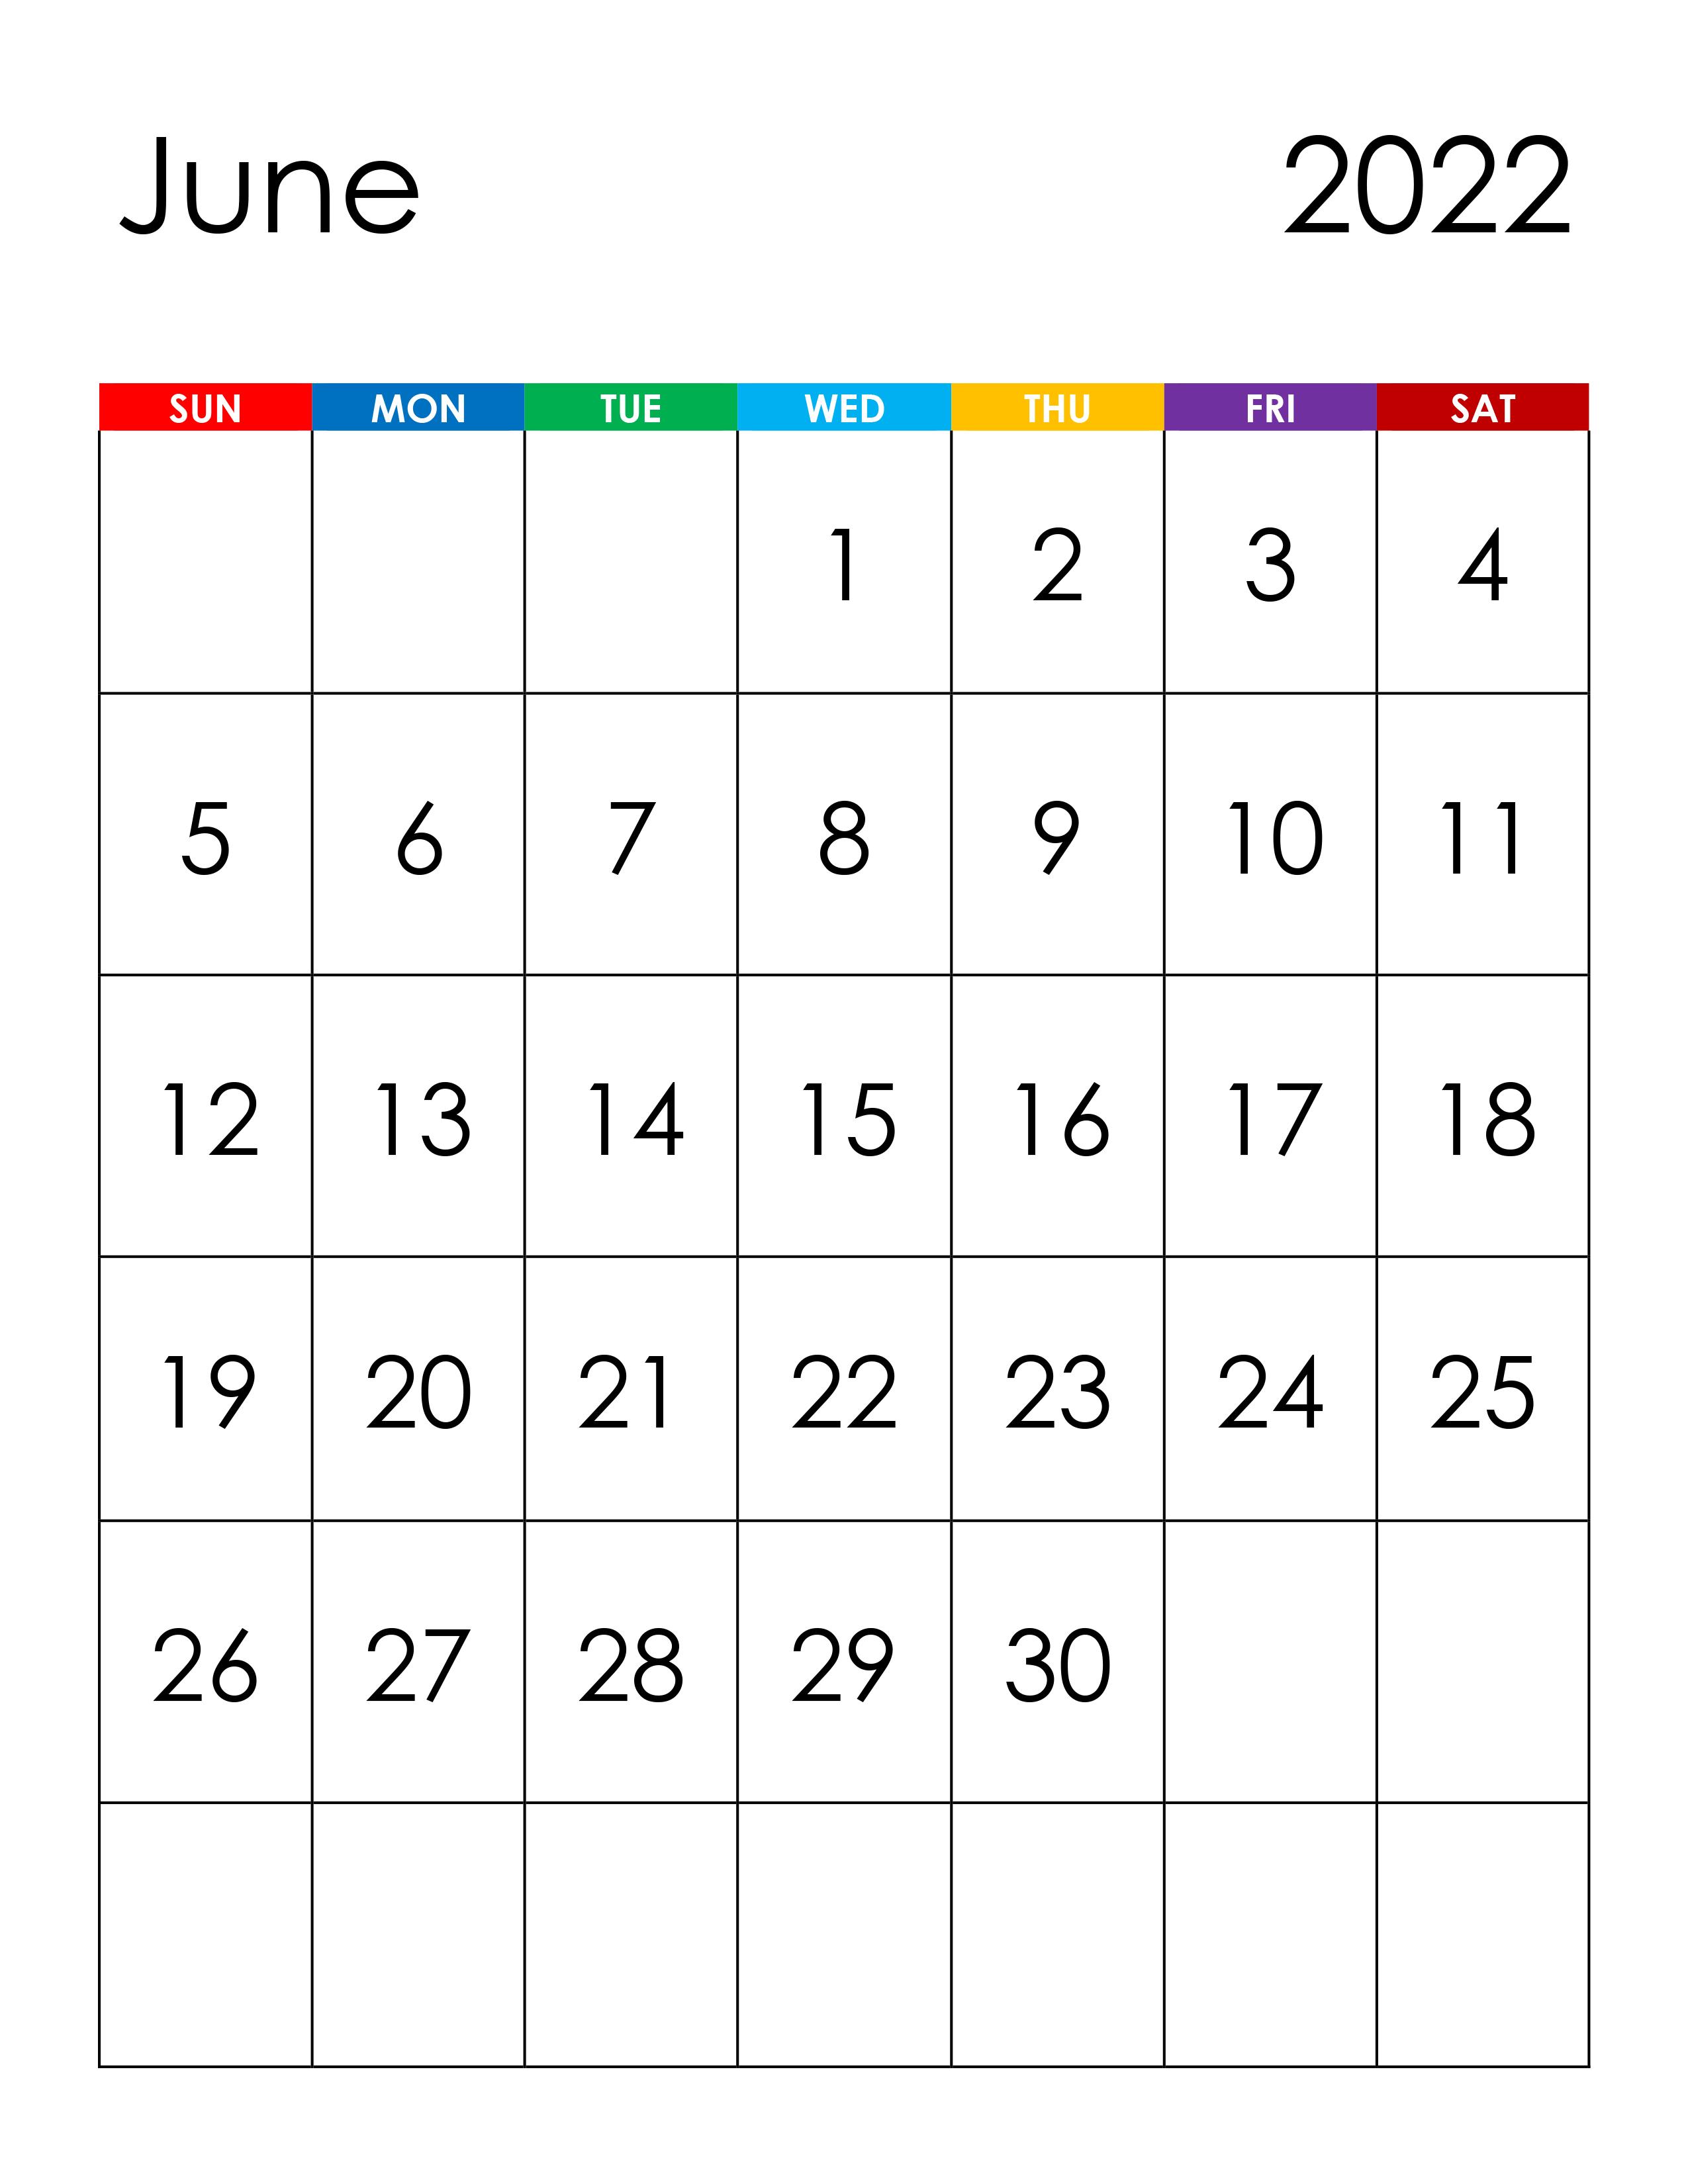 Calendar for June 2022 - free-calendar.su